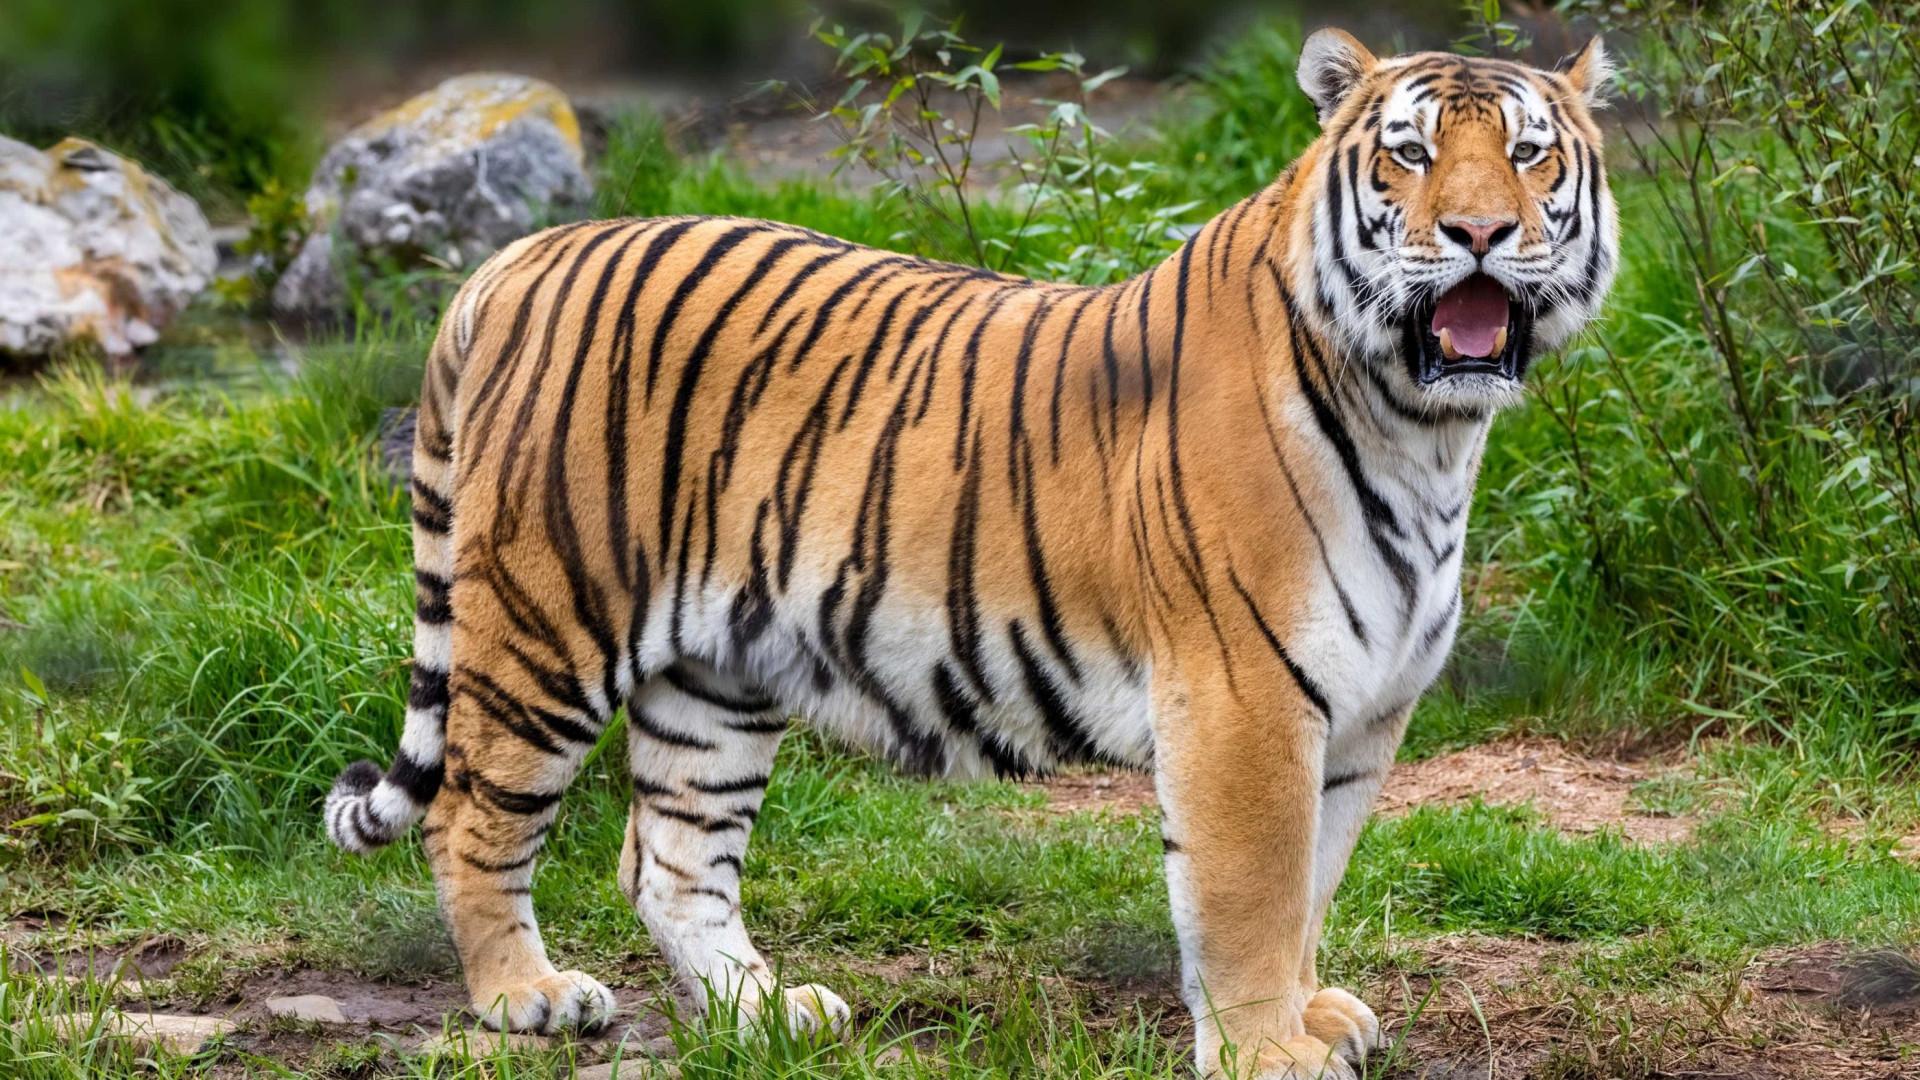 Tigre escapa e ataca cuidadora do Zoológico - Imagens impressionantes!